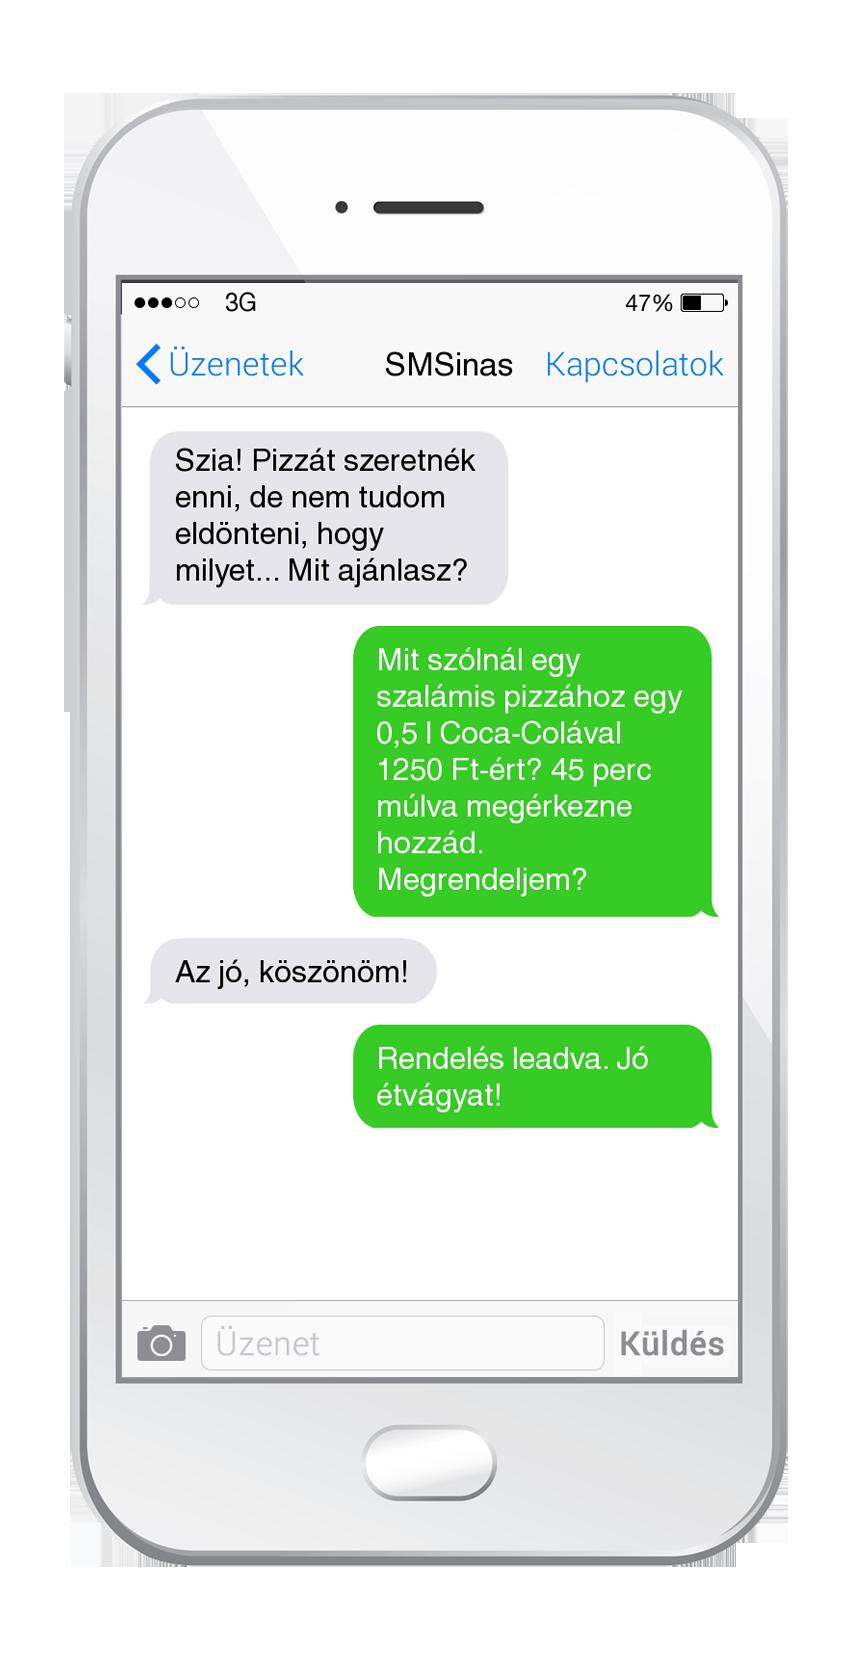 Romantikus randi szöveges üzenetek